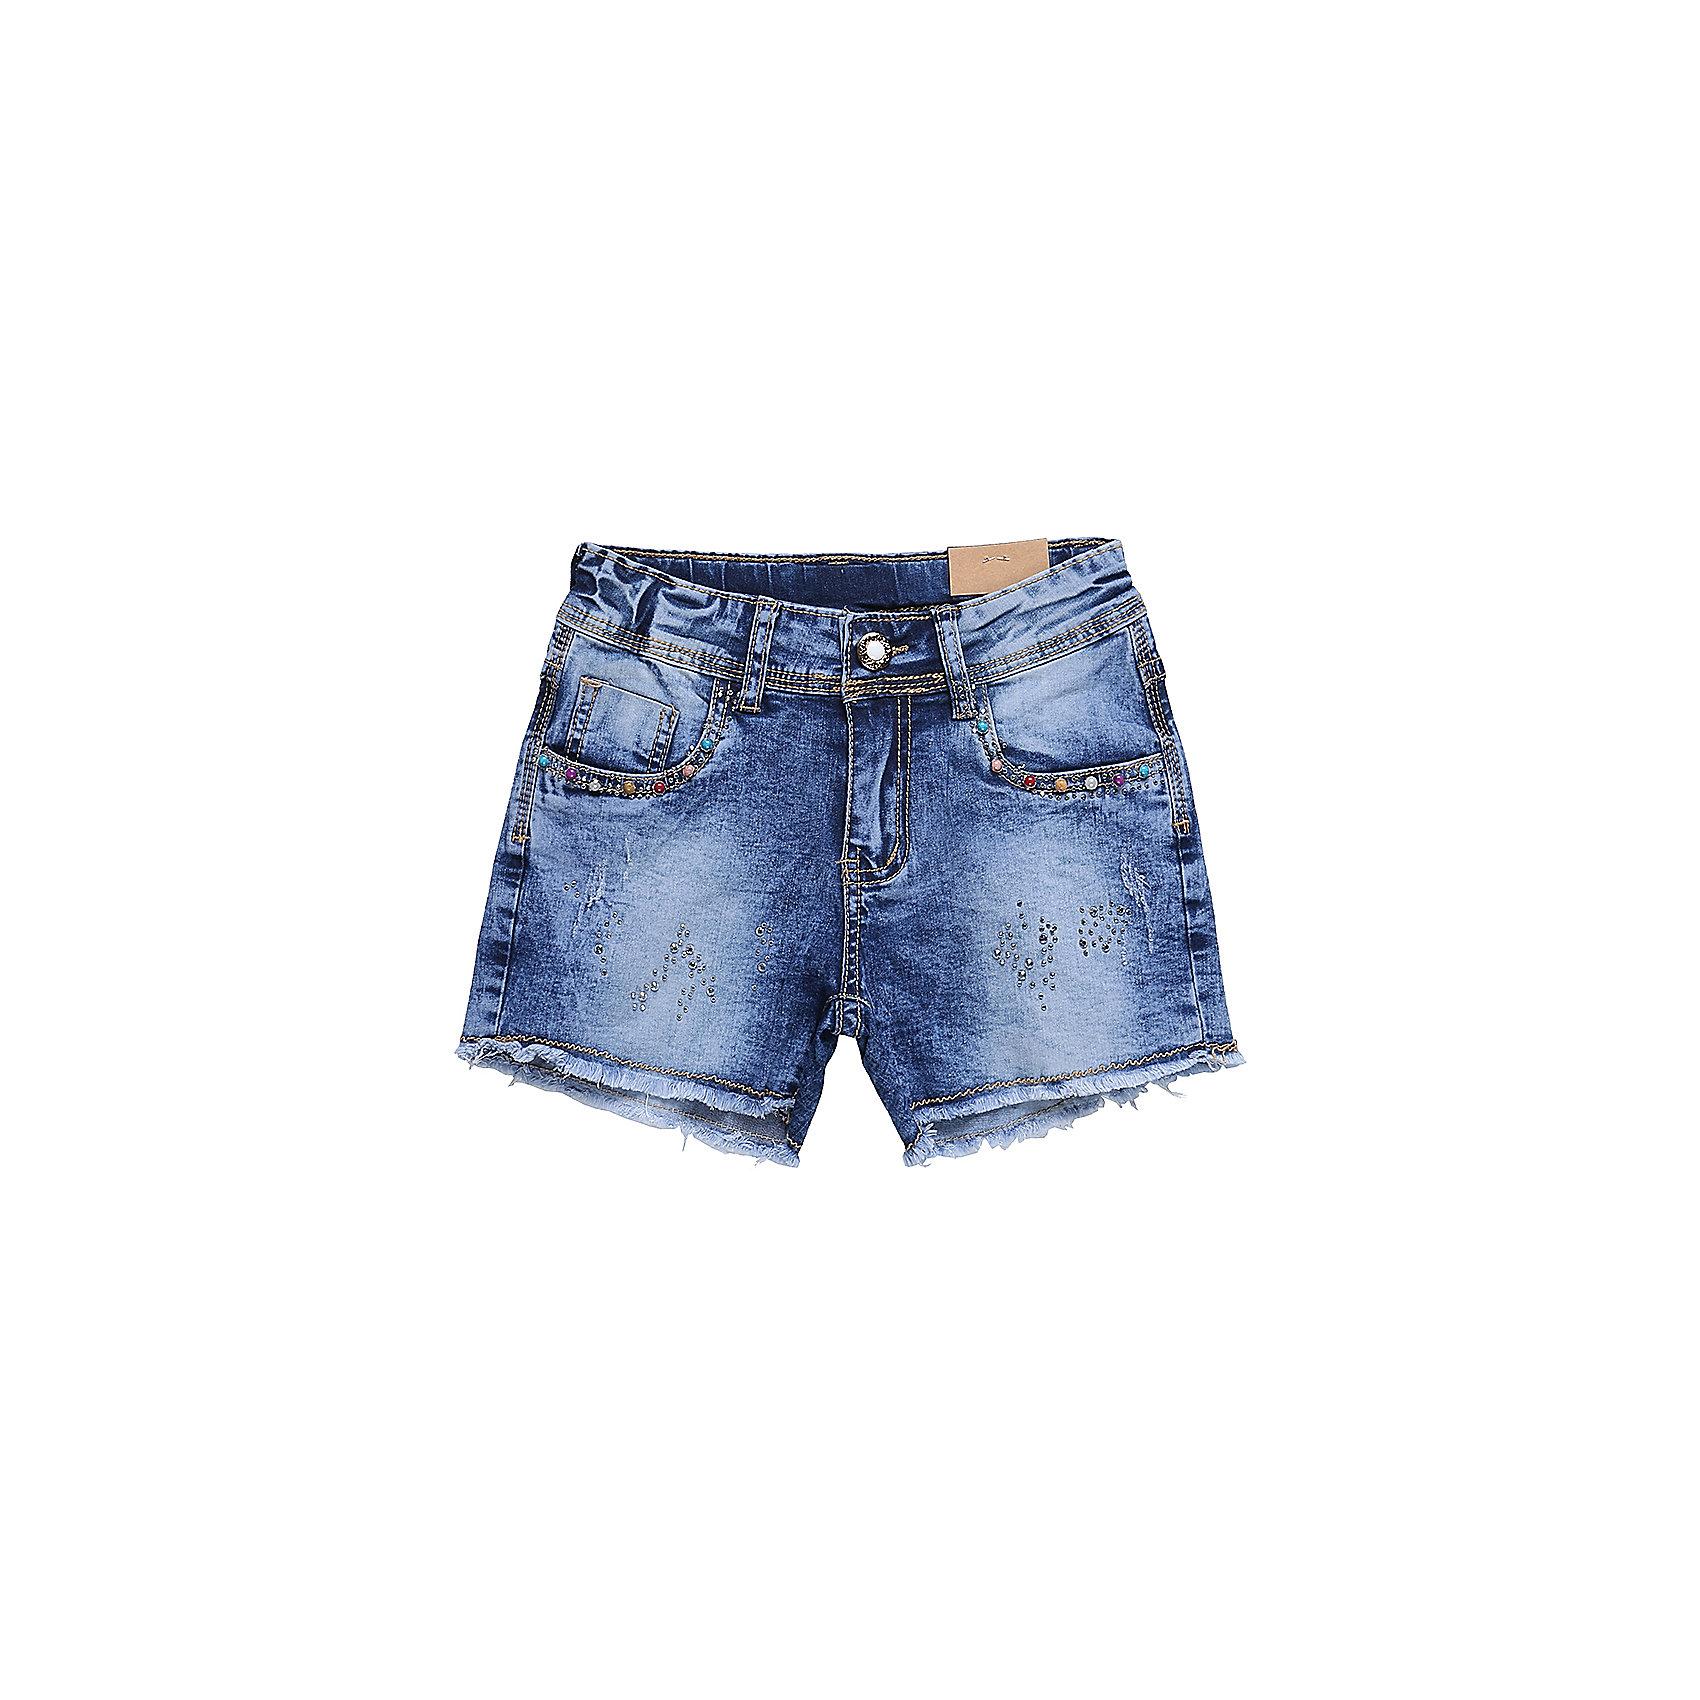 Шорты джинсовые для девочки LuminosoШорты, бриджи, капри<br>Джинсовые шорты для девочки. Декорированы яркими стразами. Застегиваются на молнию и пуговицу.   В боковой части пояса находятся вшитые эластичные ленты, регулирующие посадку по талии.<br>Состав:<br>98%хлопок 2%эластан<br><br>Ширина мм: 191<br>Глубина мм: 10<br>Высота мм: 175<br>Вес г: 273<br>Цвет: синий<br>Возраст от месяцев: 96<br>Возраст до месяцев: 108<br>Пол: Женский<br>Возраст: Детский<br>Размер: 134,140,146,152,158,164<br>SKU: 5413591